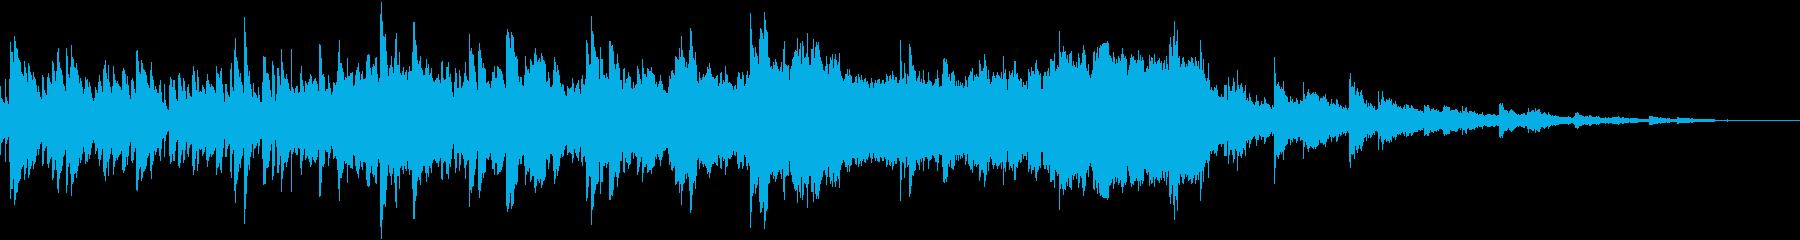 幻想的なハープの音色が儚く響く悲しい音楽の再生済みの波形